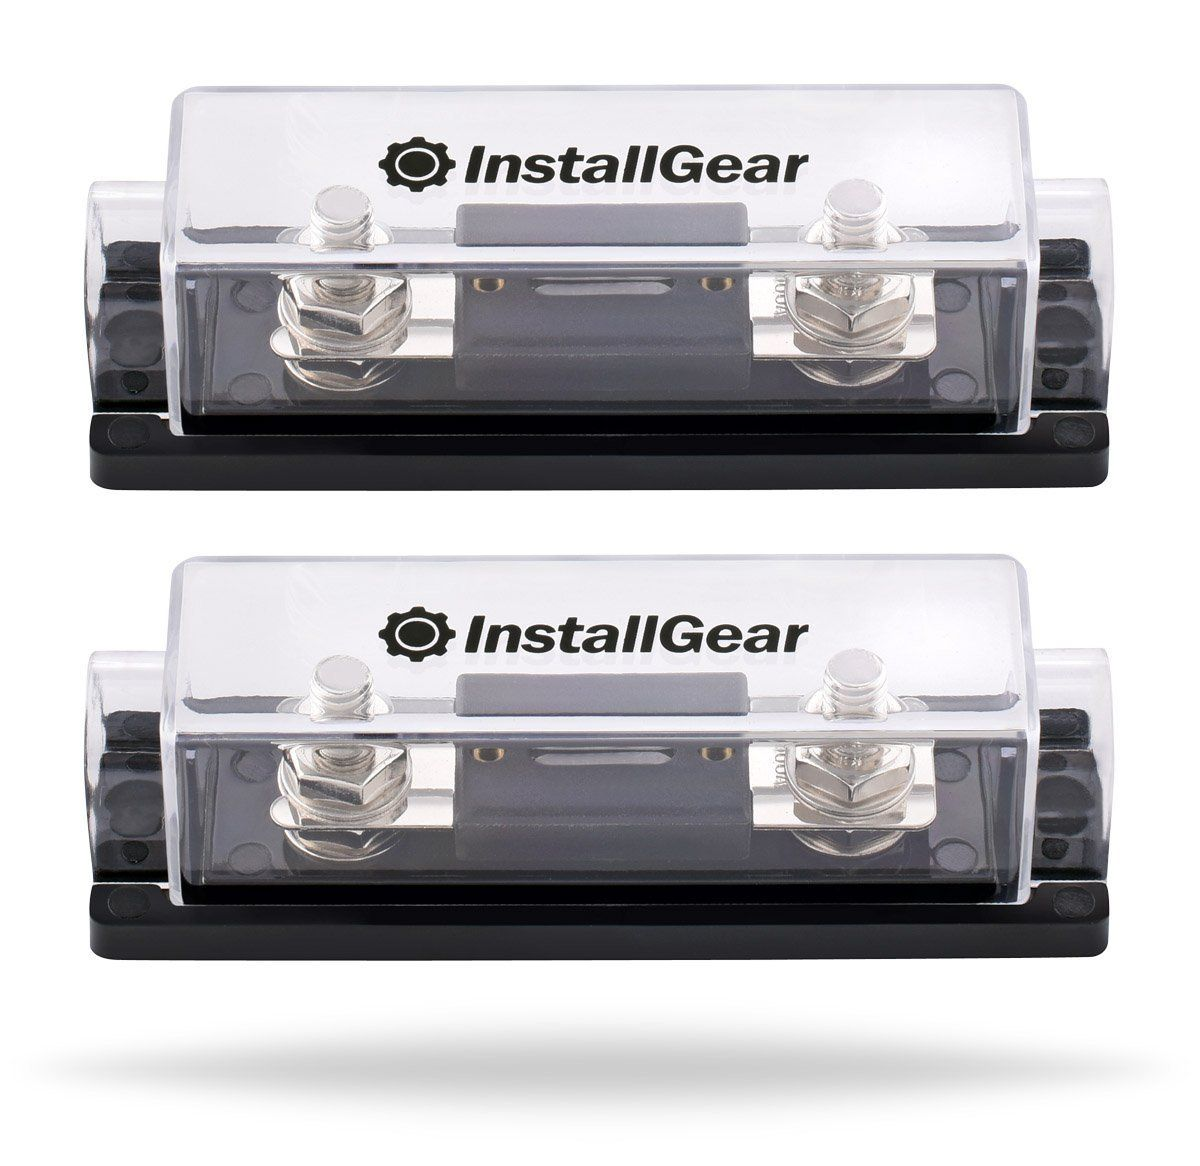 medium resolution of installgear 0 2 4 gauge ga anl fuse holder 100 amp anl fuses 2 pack